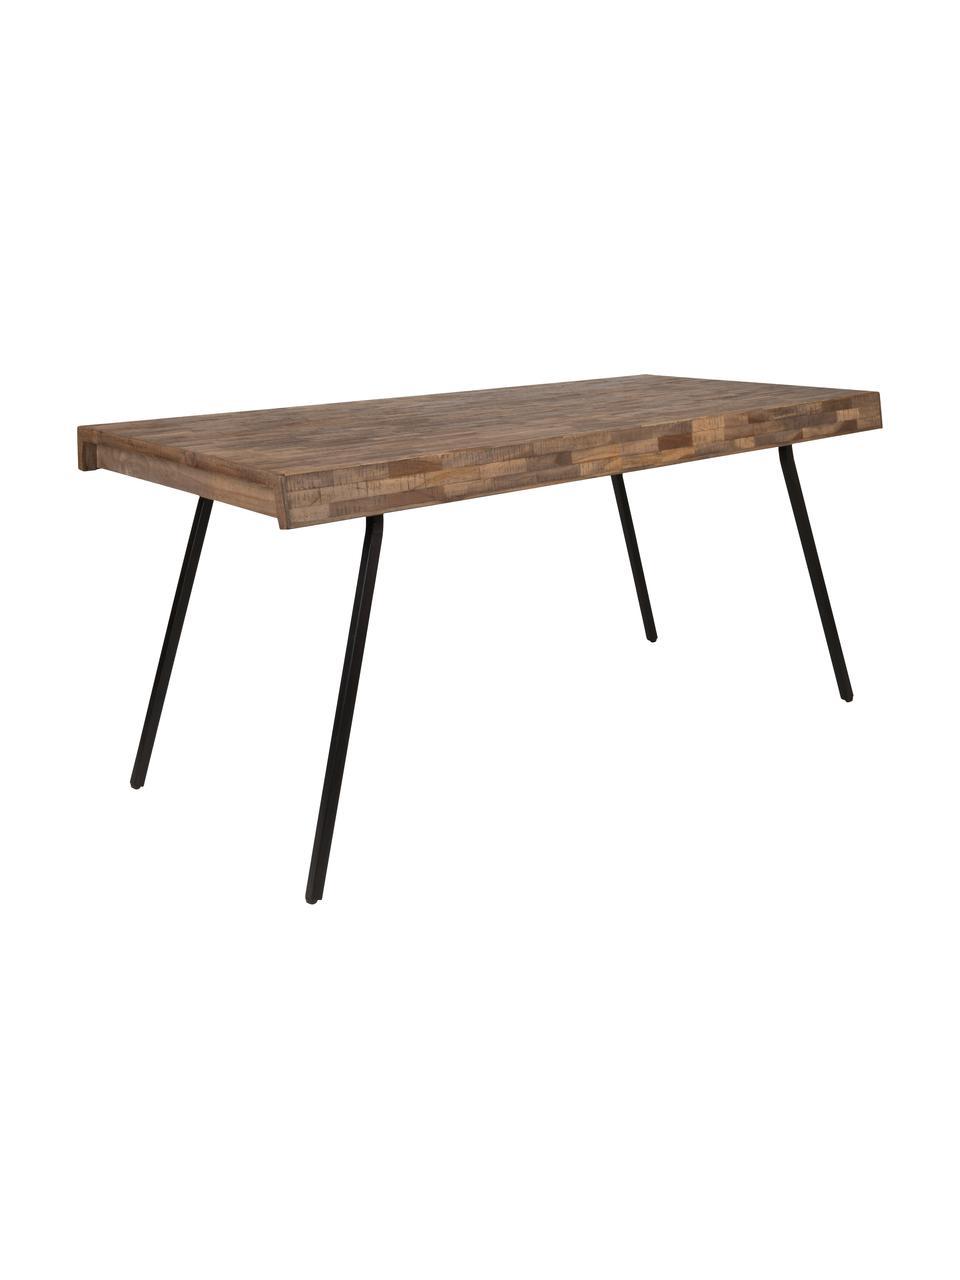 Stół do jadalni Suri, Blat: drewno tekowe pochodzące , Nogi: stal, pokryta melaminą, Blat: drewno tekowe Nogi: czarny, S 160 x G 78 cm